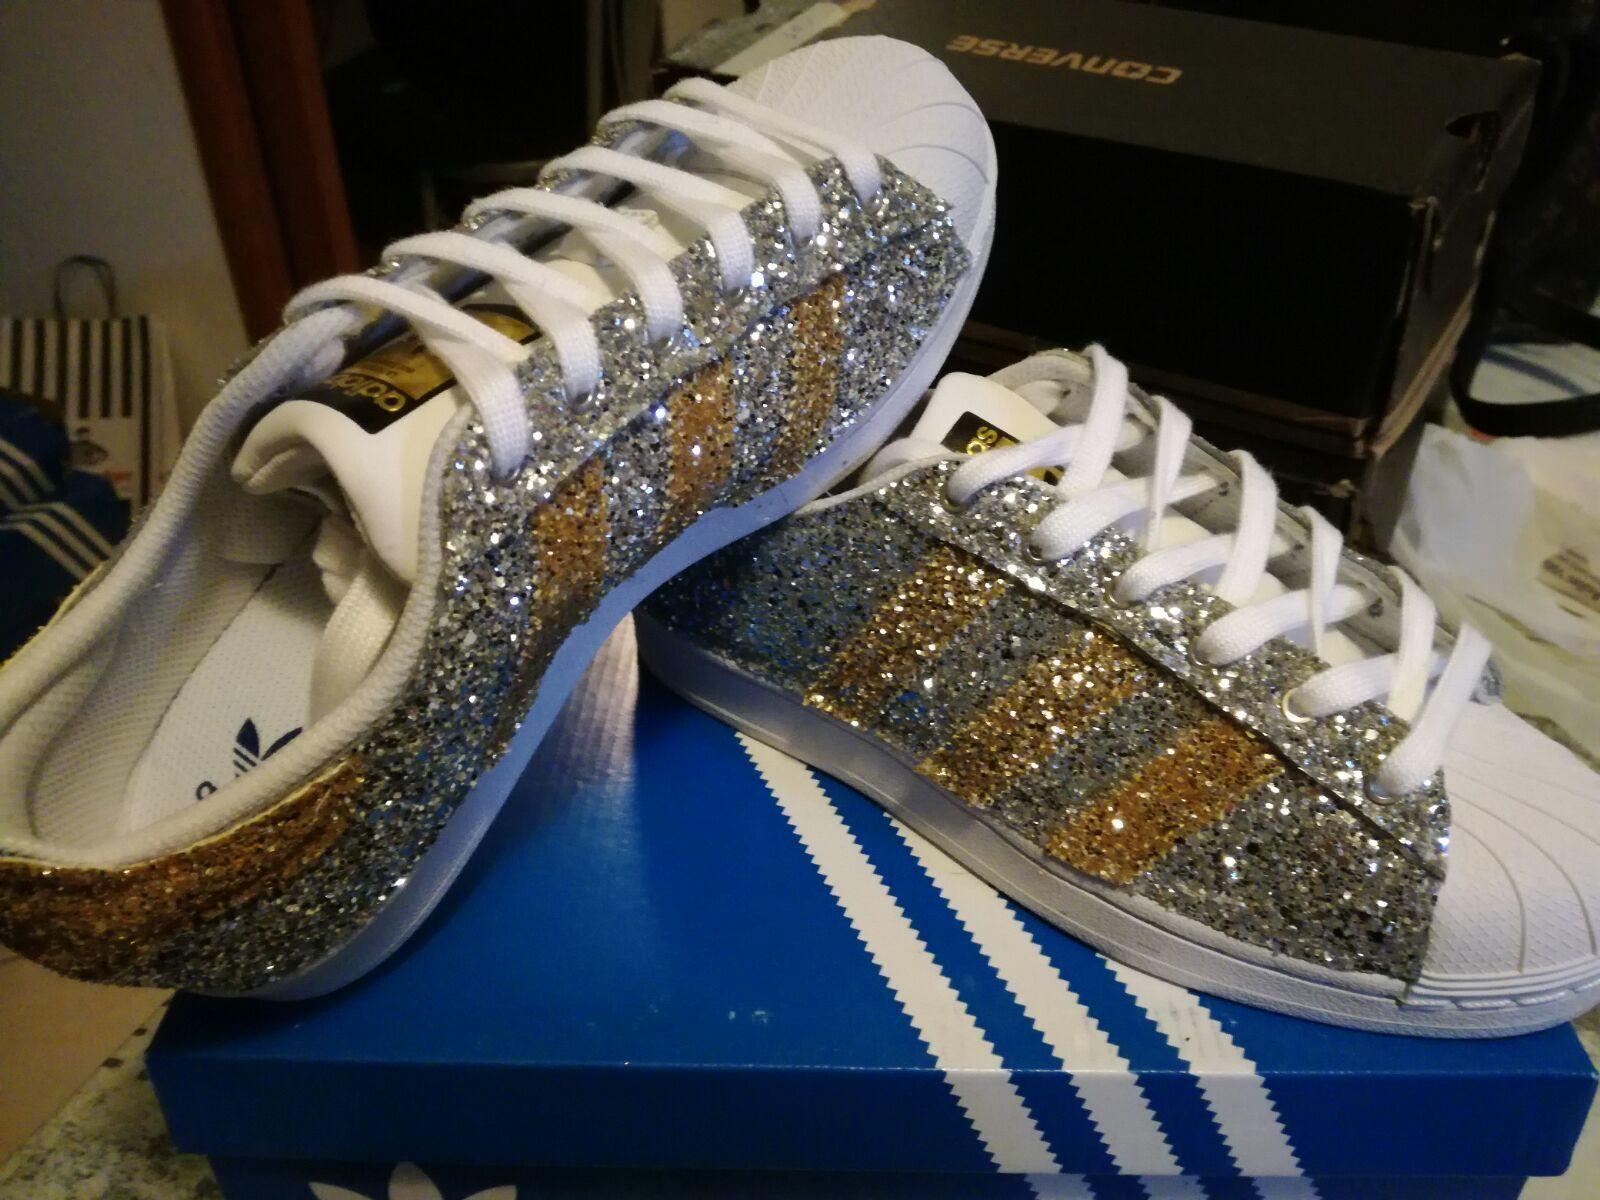 Scarpe Scarpe Scarpe adidas superstar con glitter argentoo e glitter oro 045434